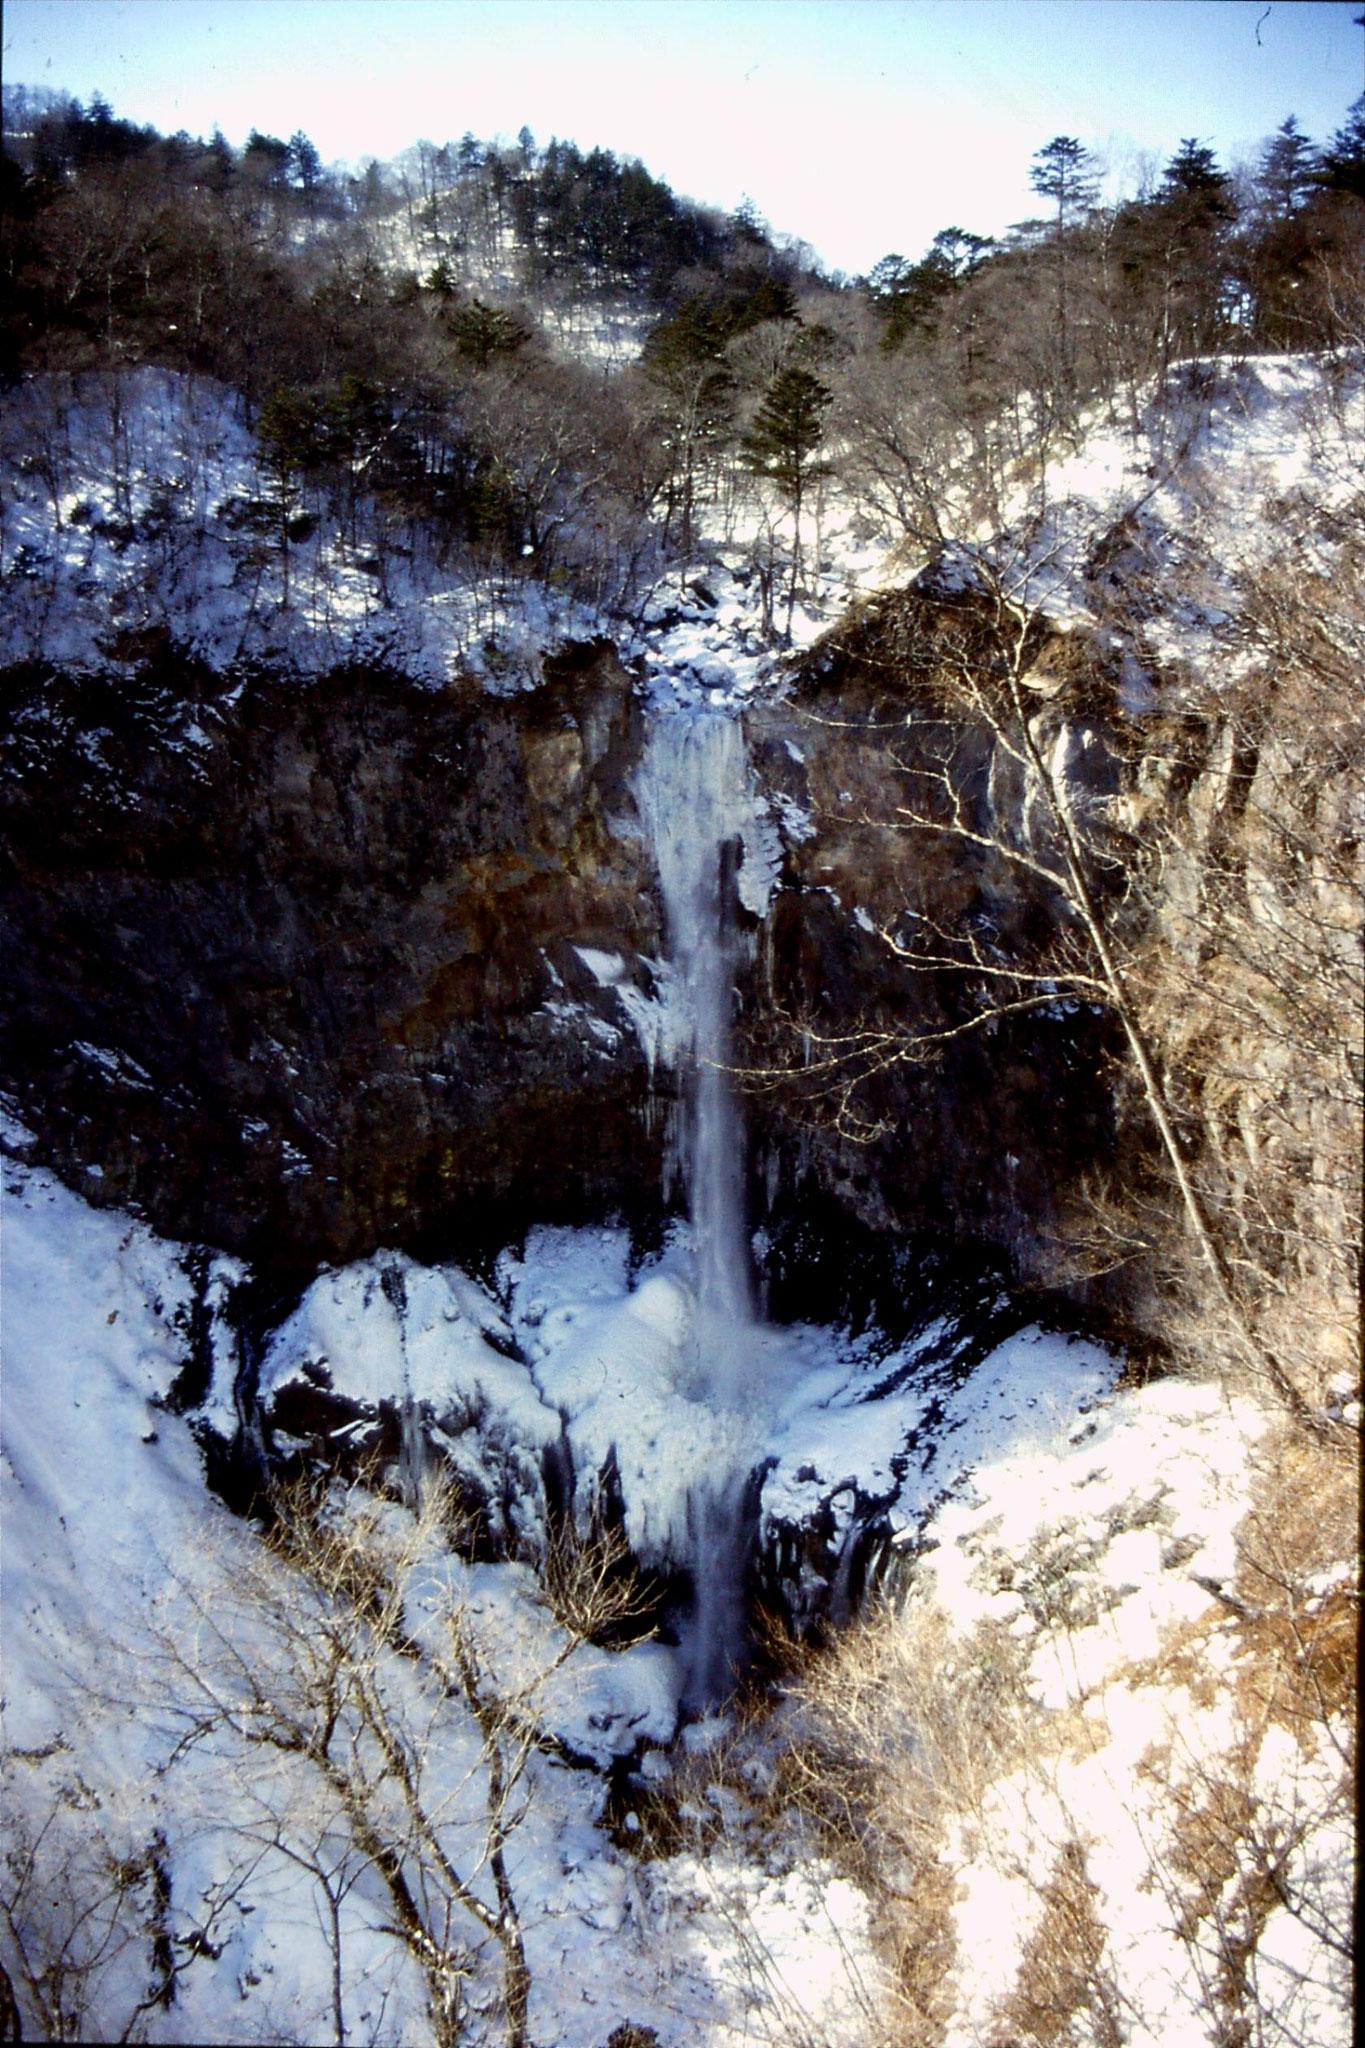 30/1/1989: 5: Kegon falls